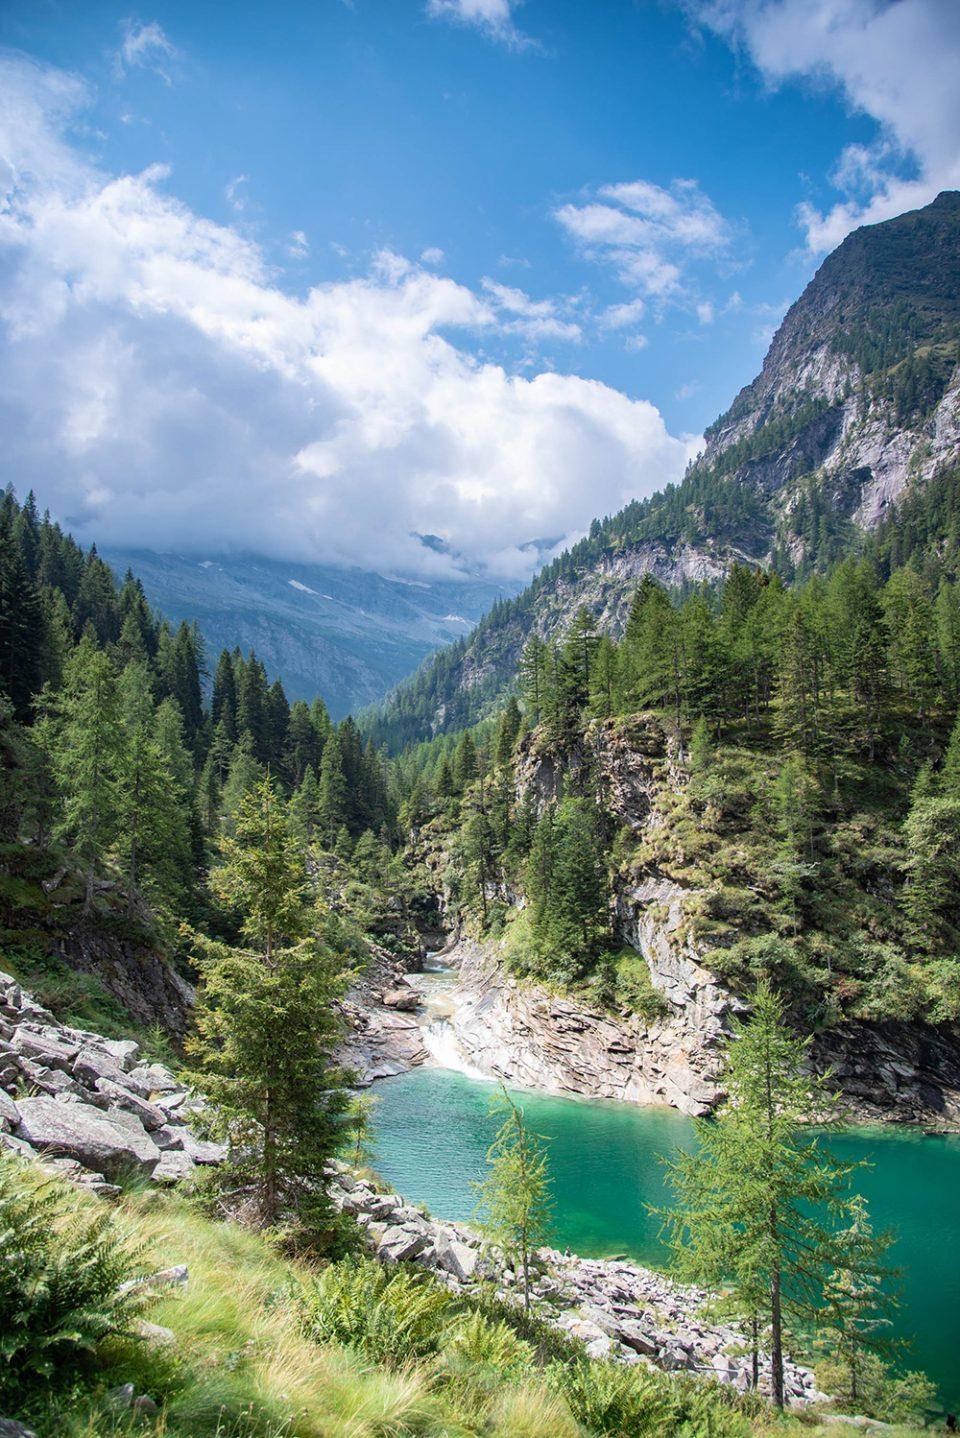 valle antrona - vista lago di antrona - campliccioli - escursione - valle antrona